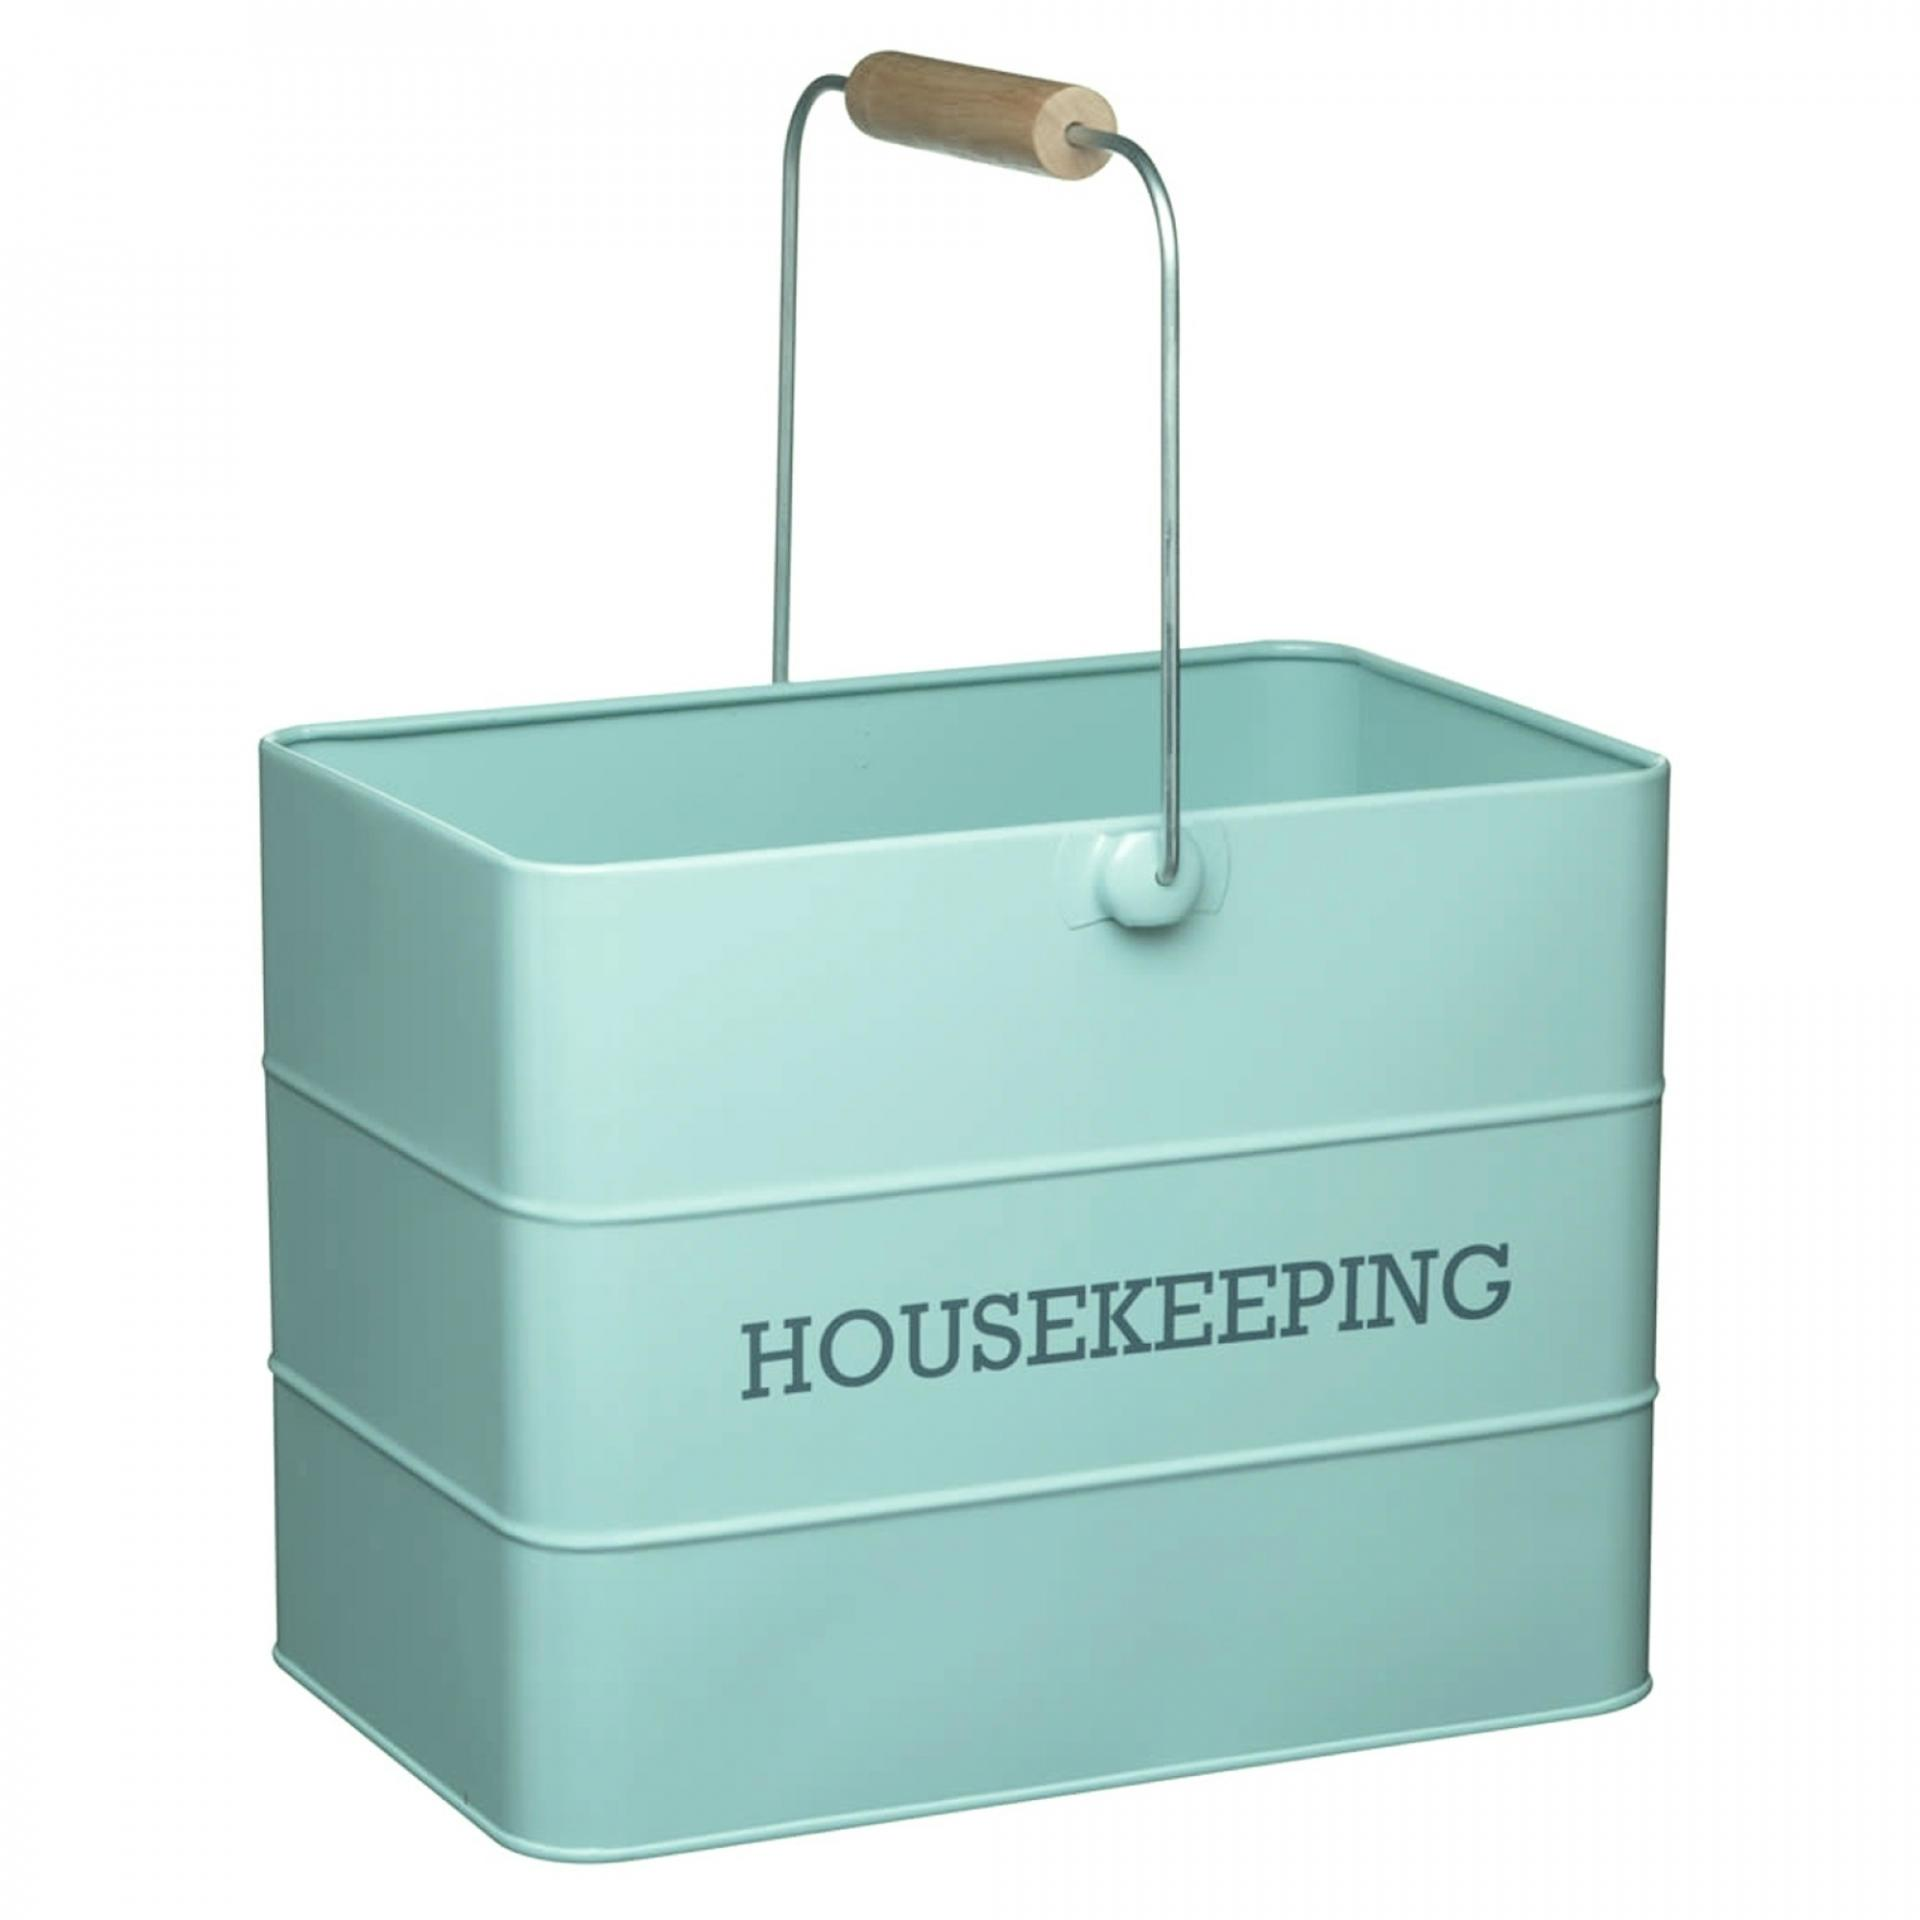 Kitchen Craft Plechový kyblík Housekeeping Vintage blue, modrá barva, zelená barva, kov